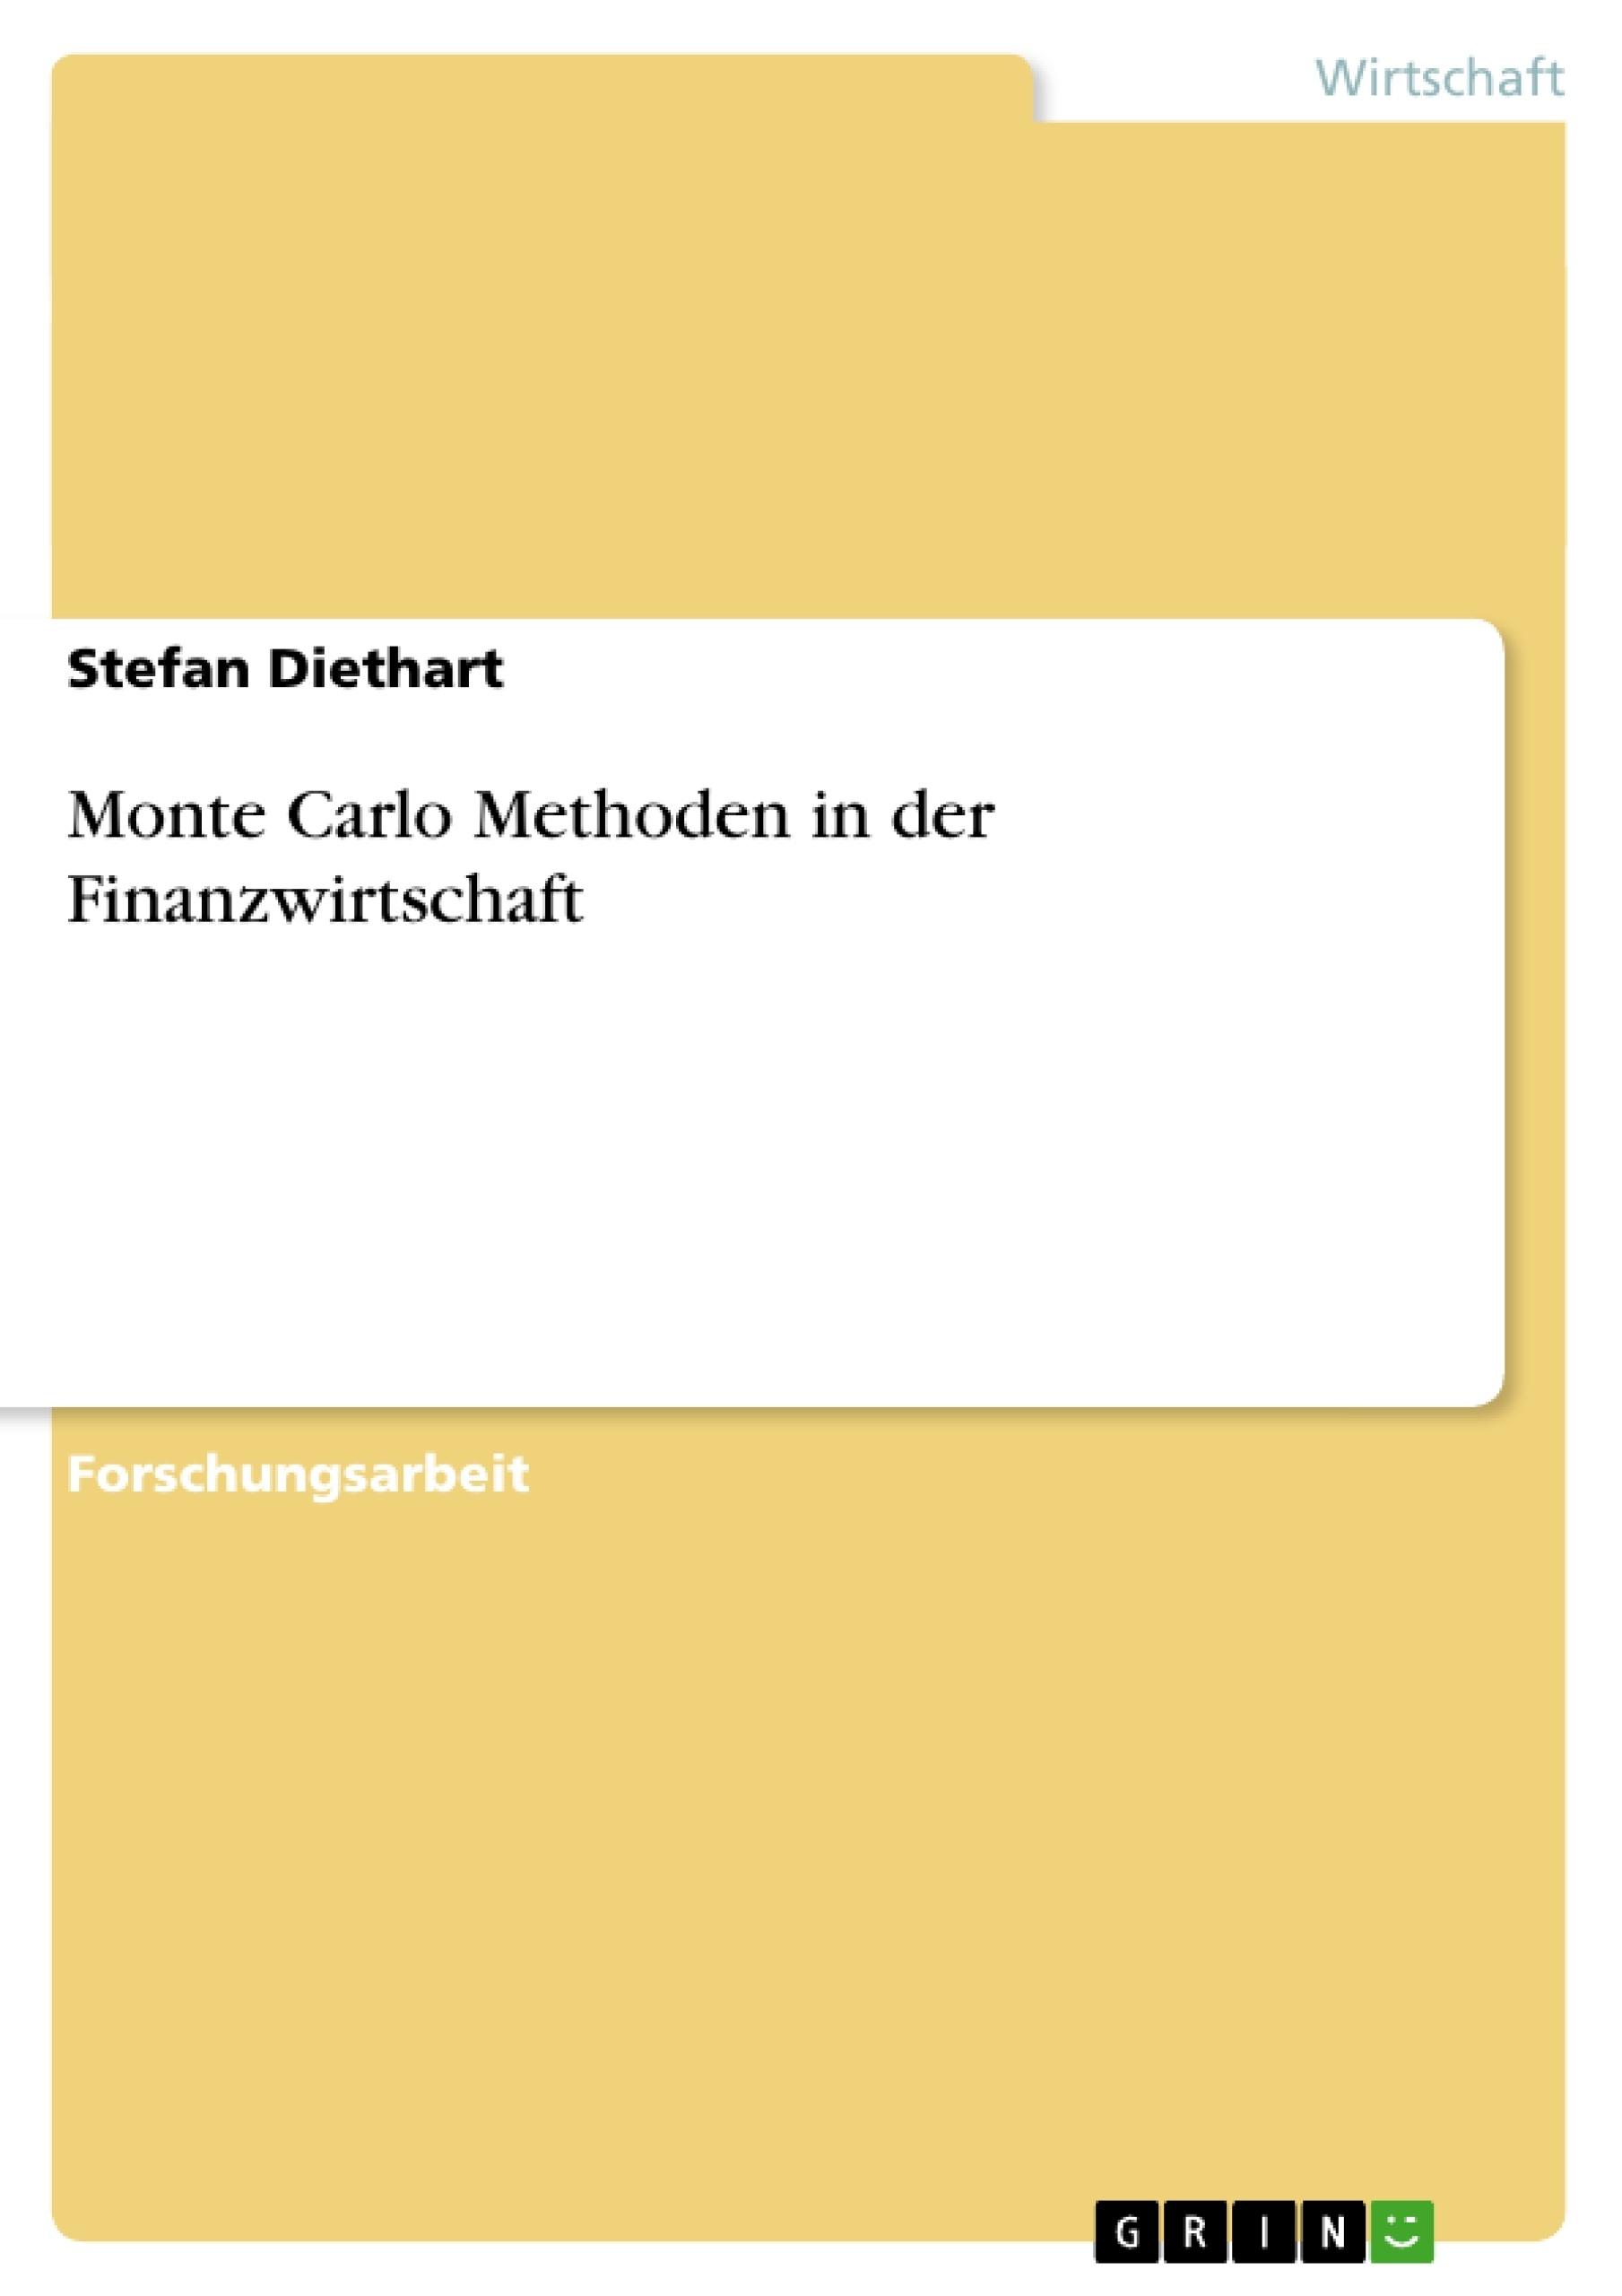 Titel: Monte Carlo Methoden in der Finanzwirtschaft